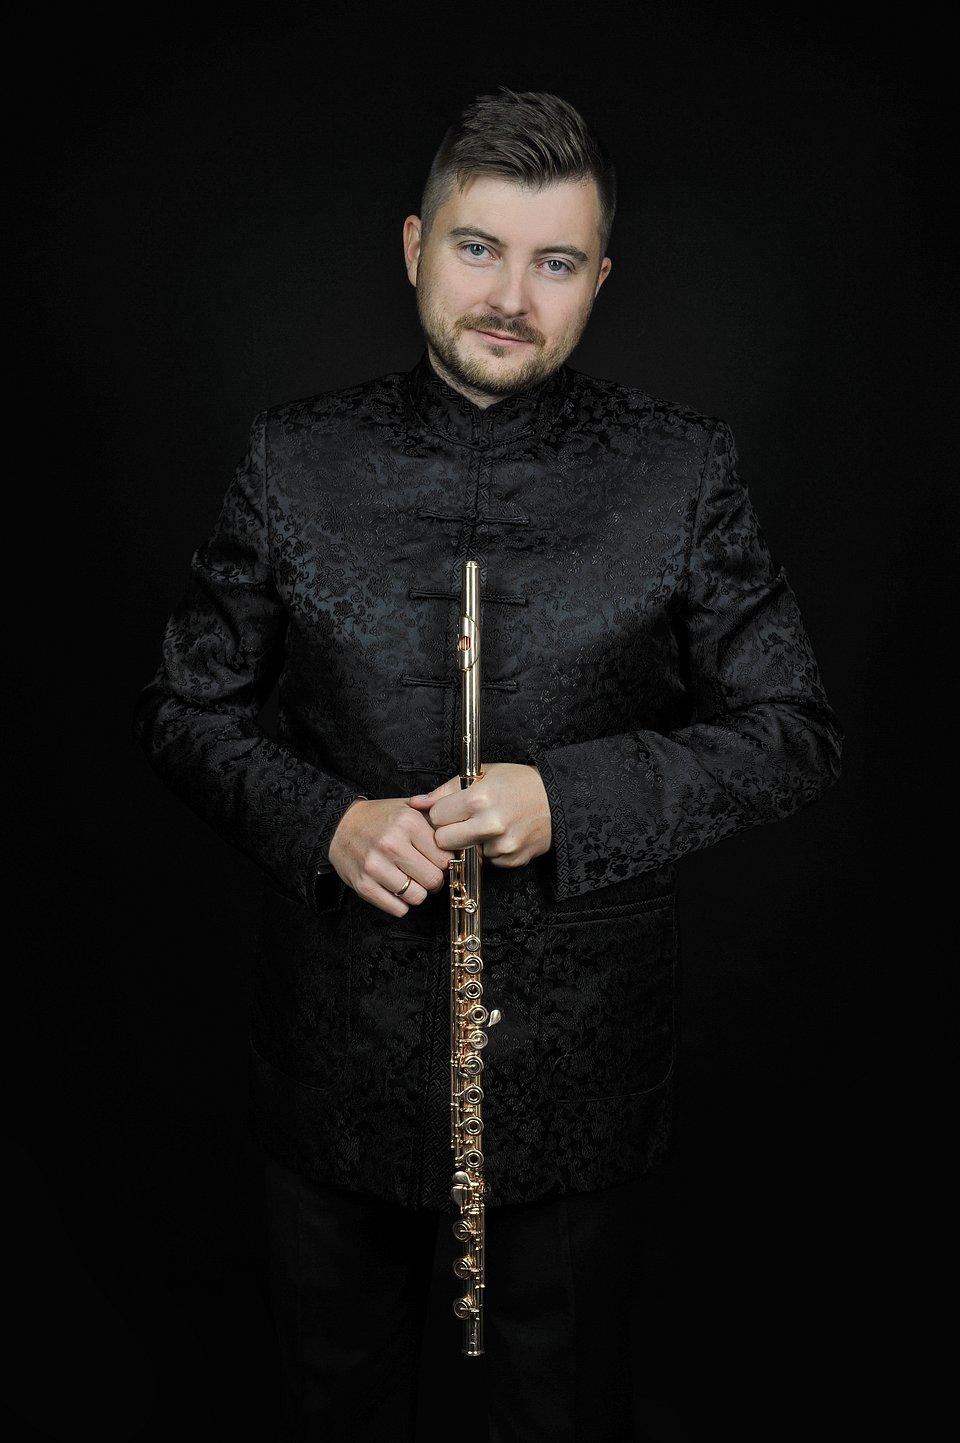 Łukasz Długosz (fot. Dorota Bodnar)